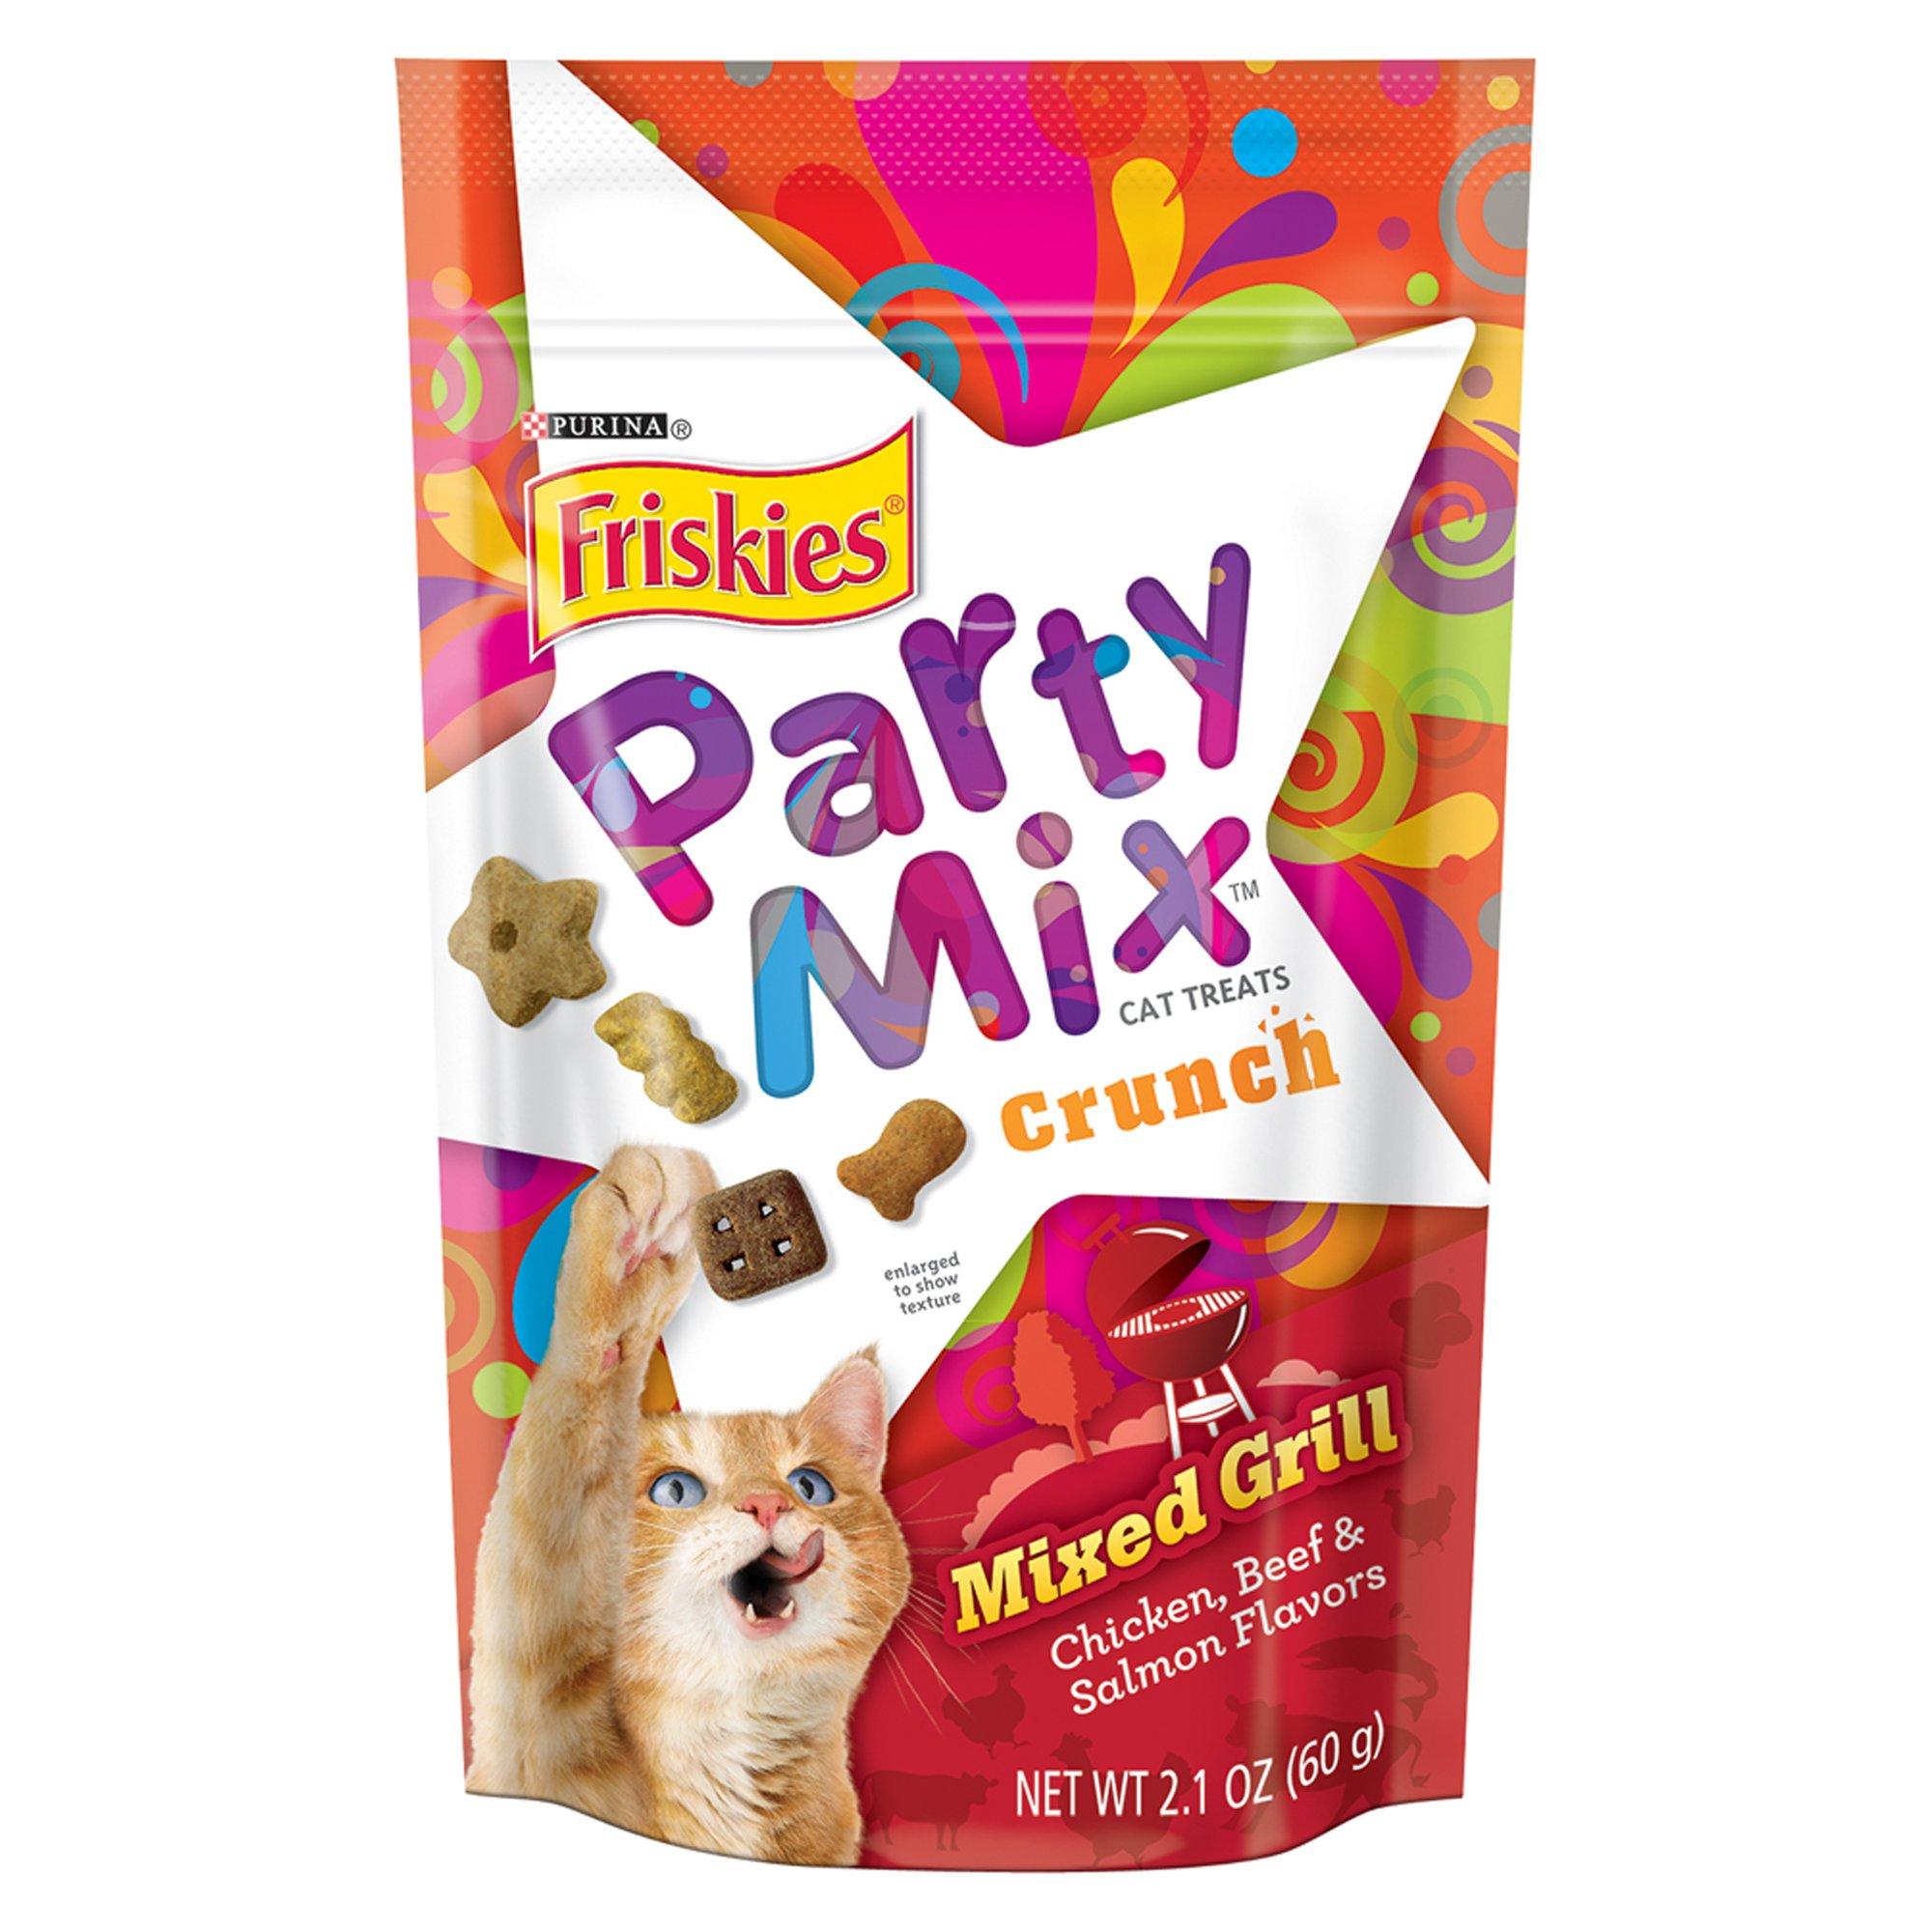 Friskies Mixed Grill Crunch Party Mix Cat Treats